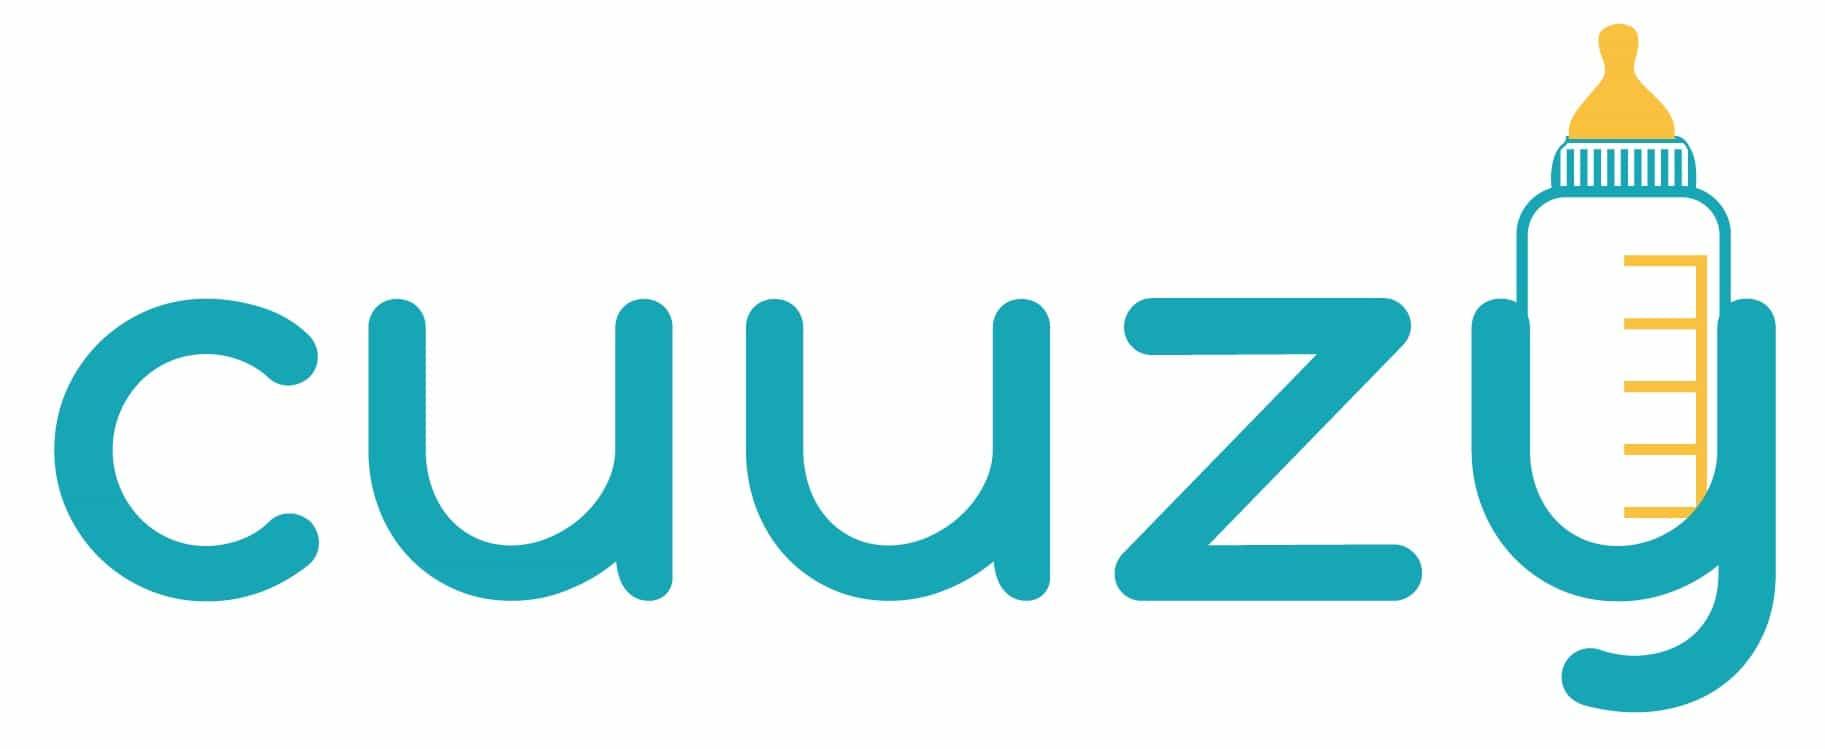 Cuuzy – Baby Gear Tips